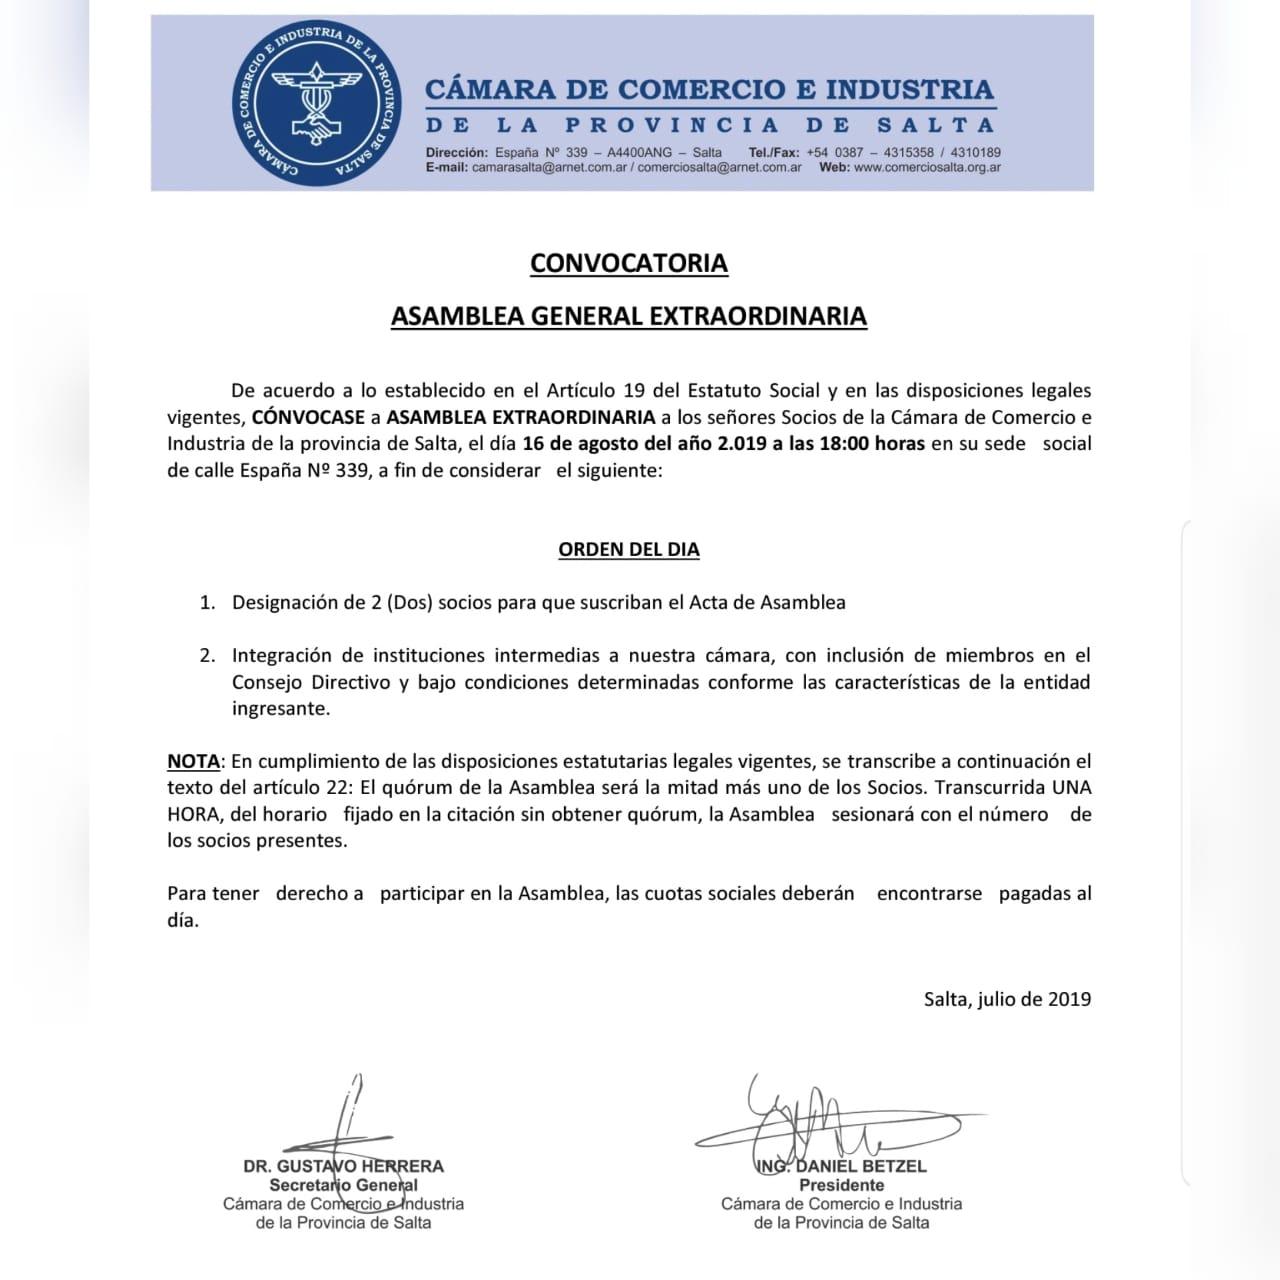 CONVOCATORIA ASAMBLEA EXTRAORDINARIA od.